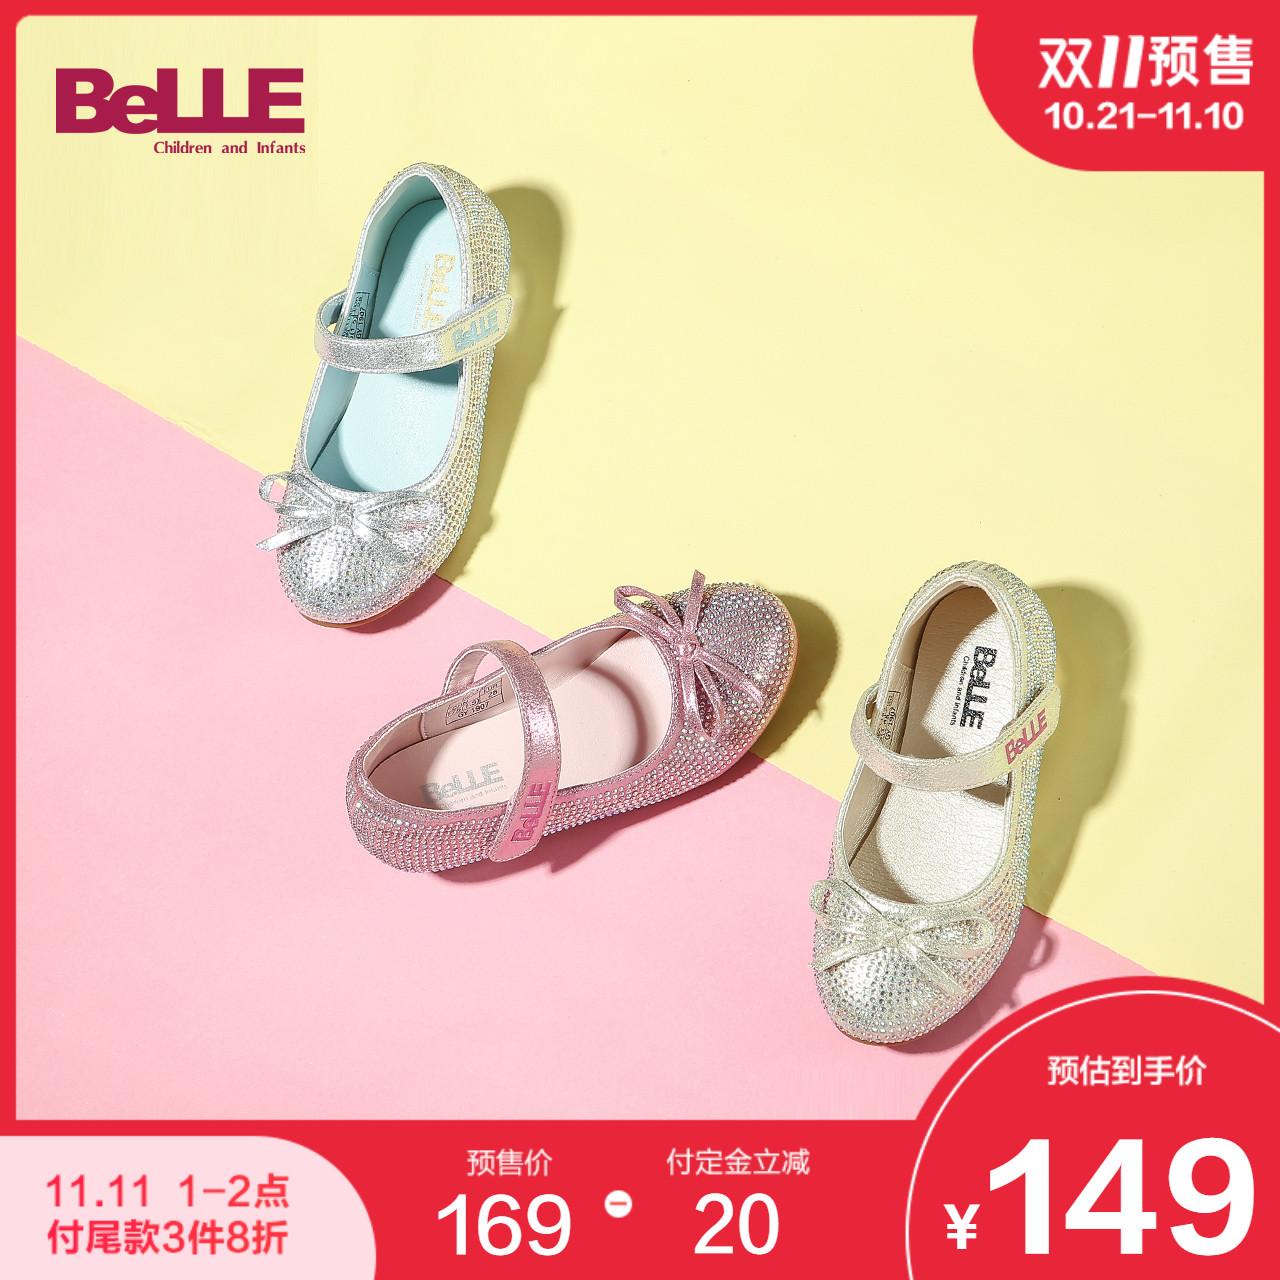 百丽童鞋儿童皮鞋2019秋季新品中童水钻小单鞋女童时尚公主鞋女生 thumbnail